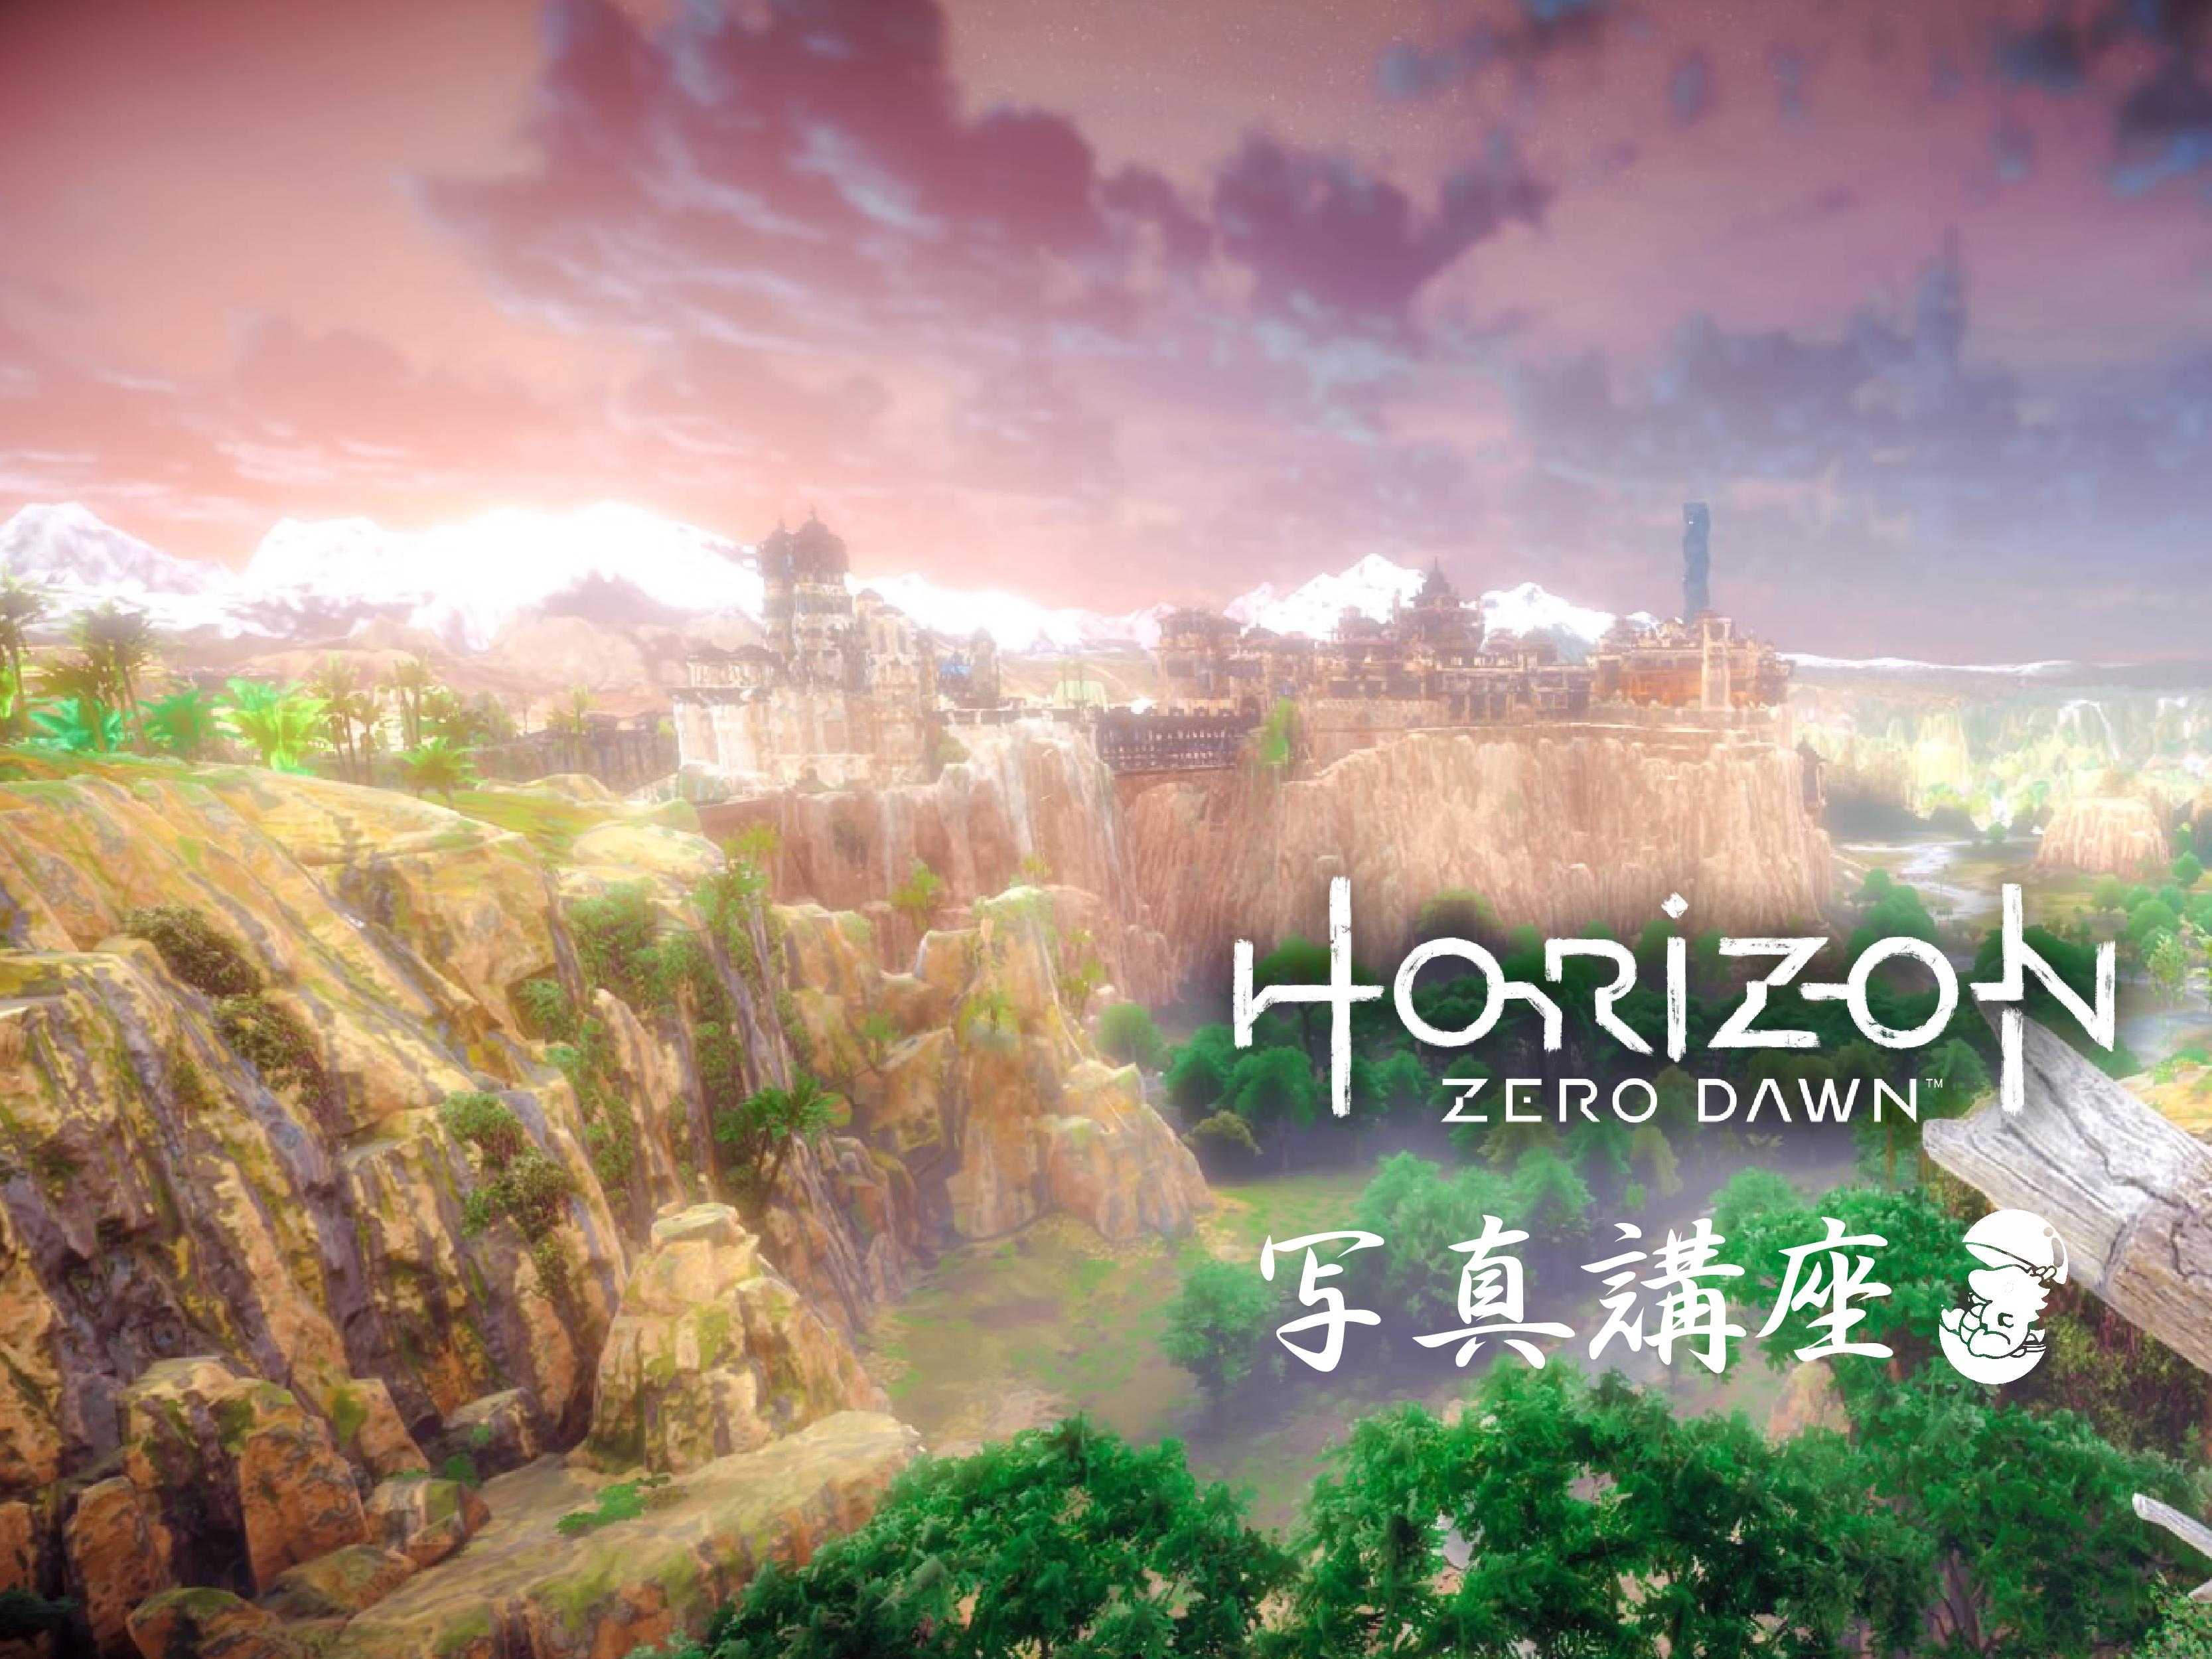 【ホライゾンゼロ】HORIZON ZEROから学ぶ写真の撮り方講座【露出と加工編】